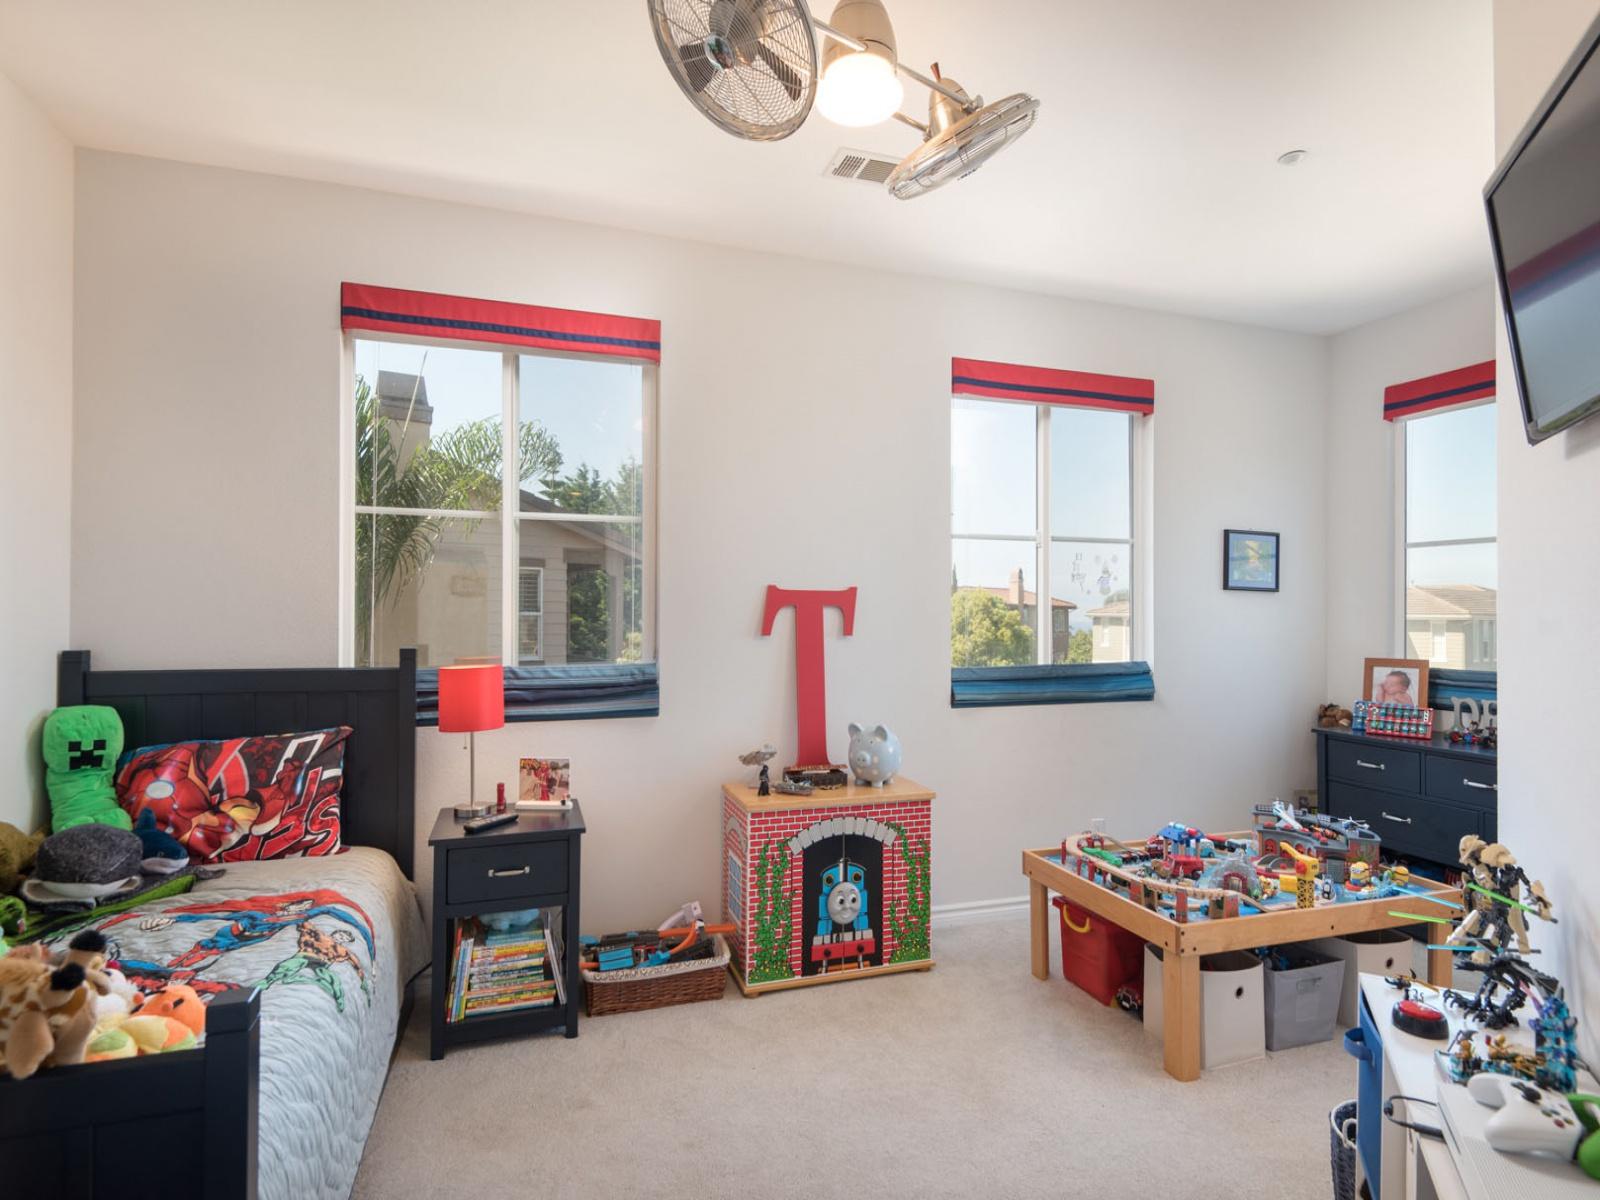 851 Lynwood Dr,ENCINITAS,California 92024,House,Lynwood Dr,1014